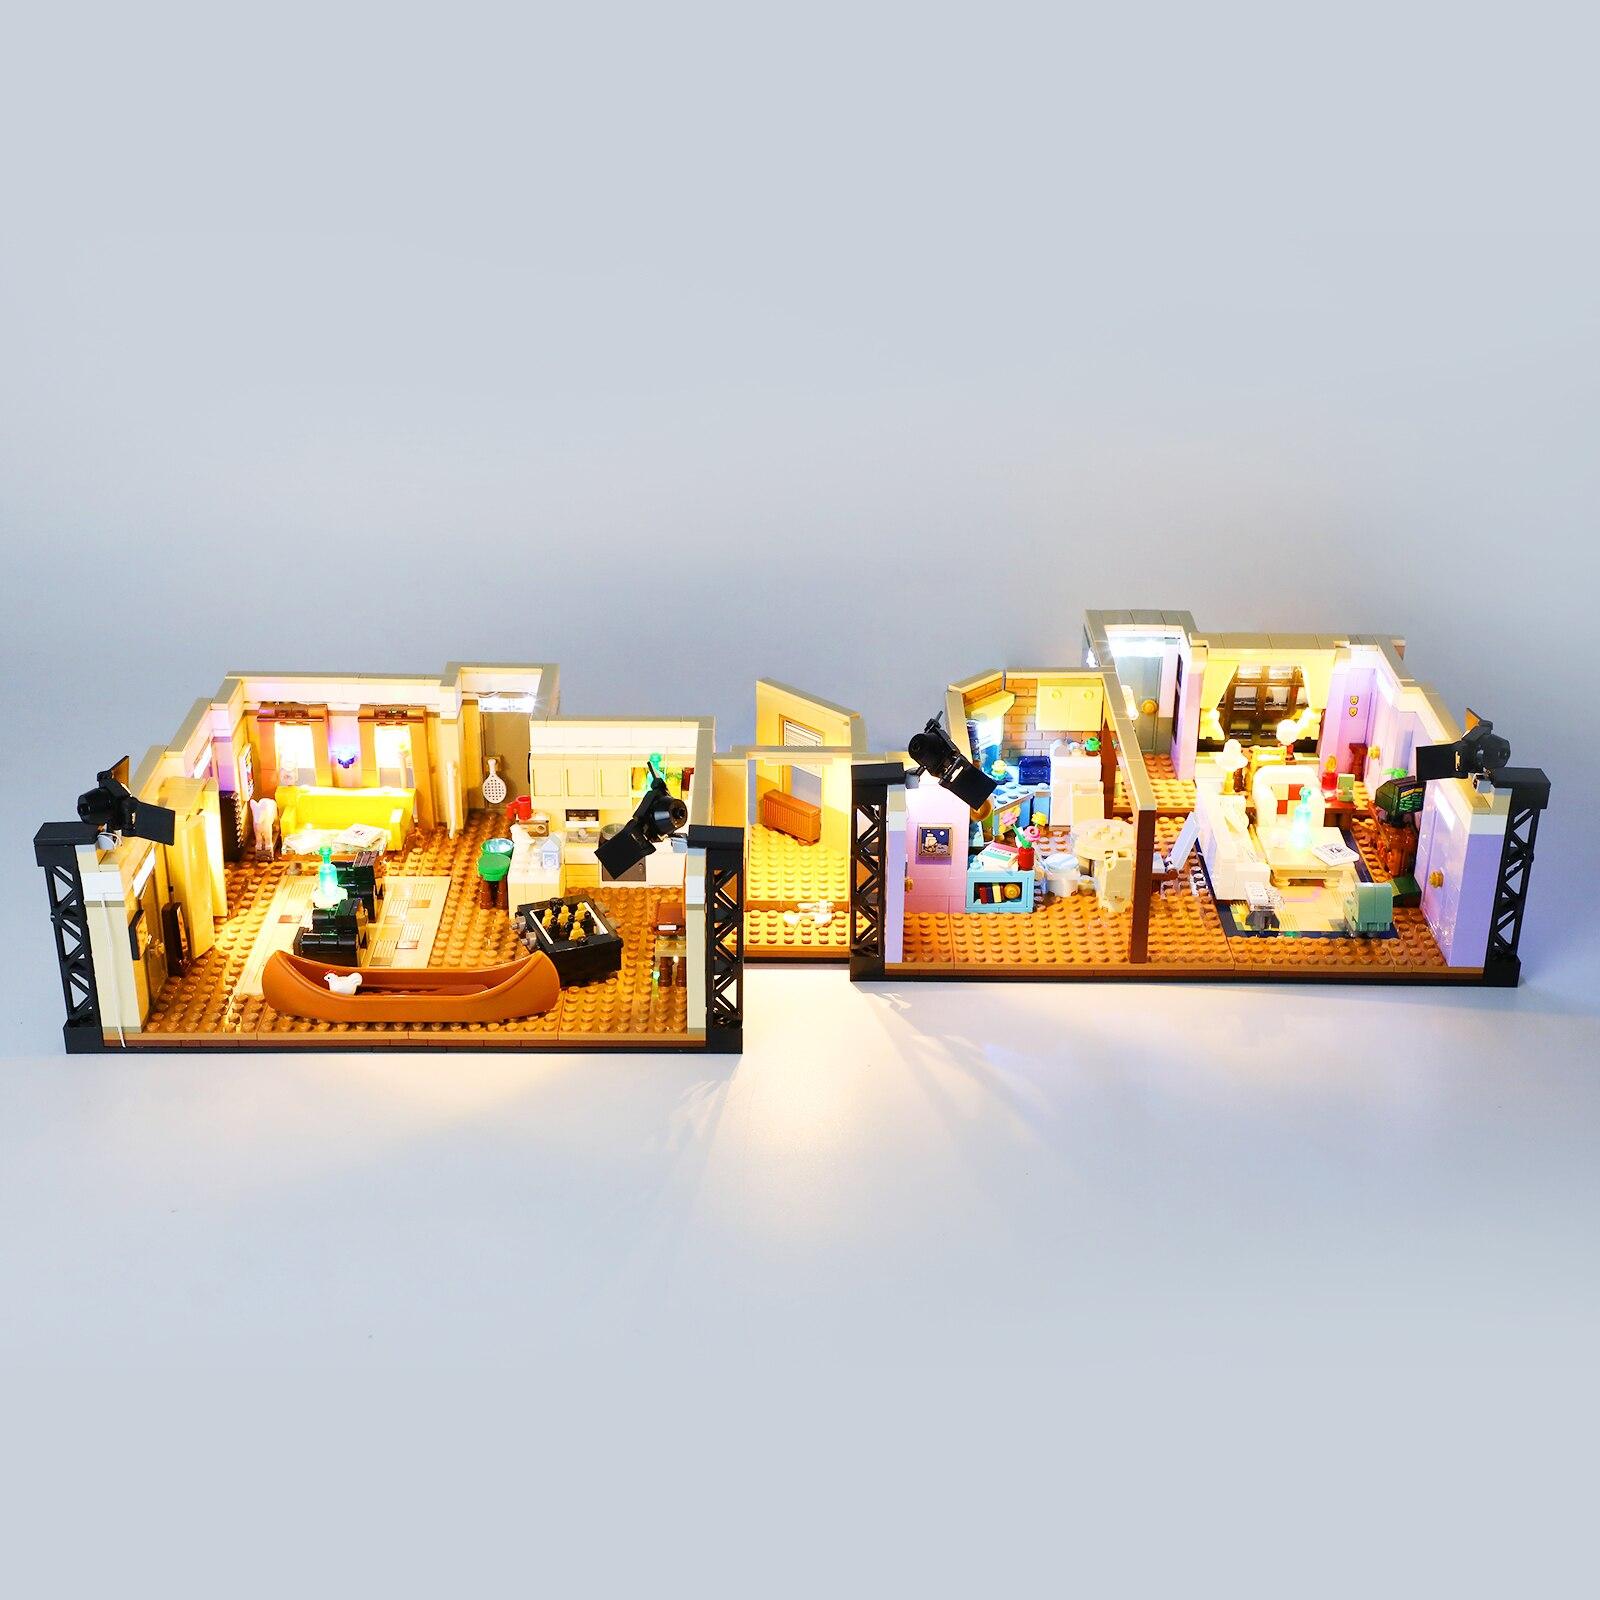 Набор светодиодсветильник льников для 10292 друзей и квартир